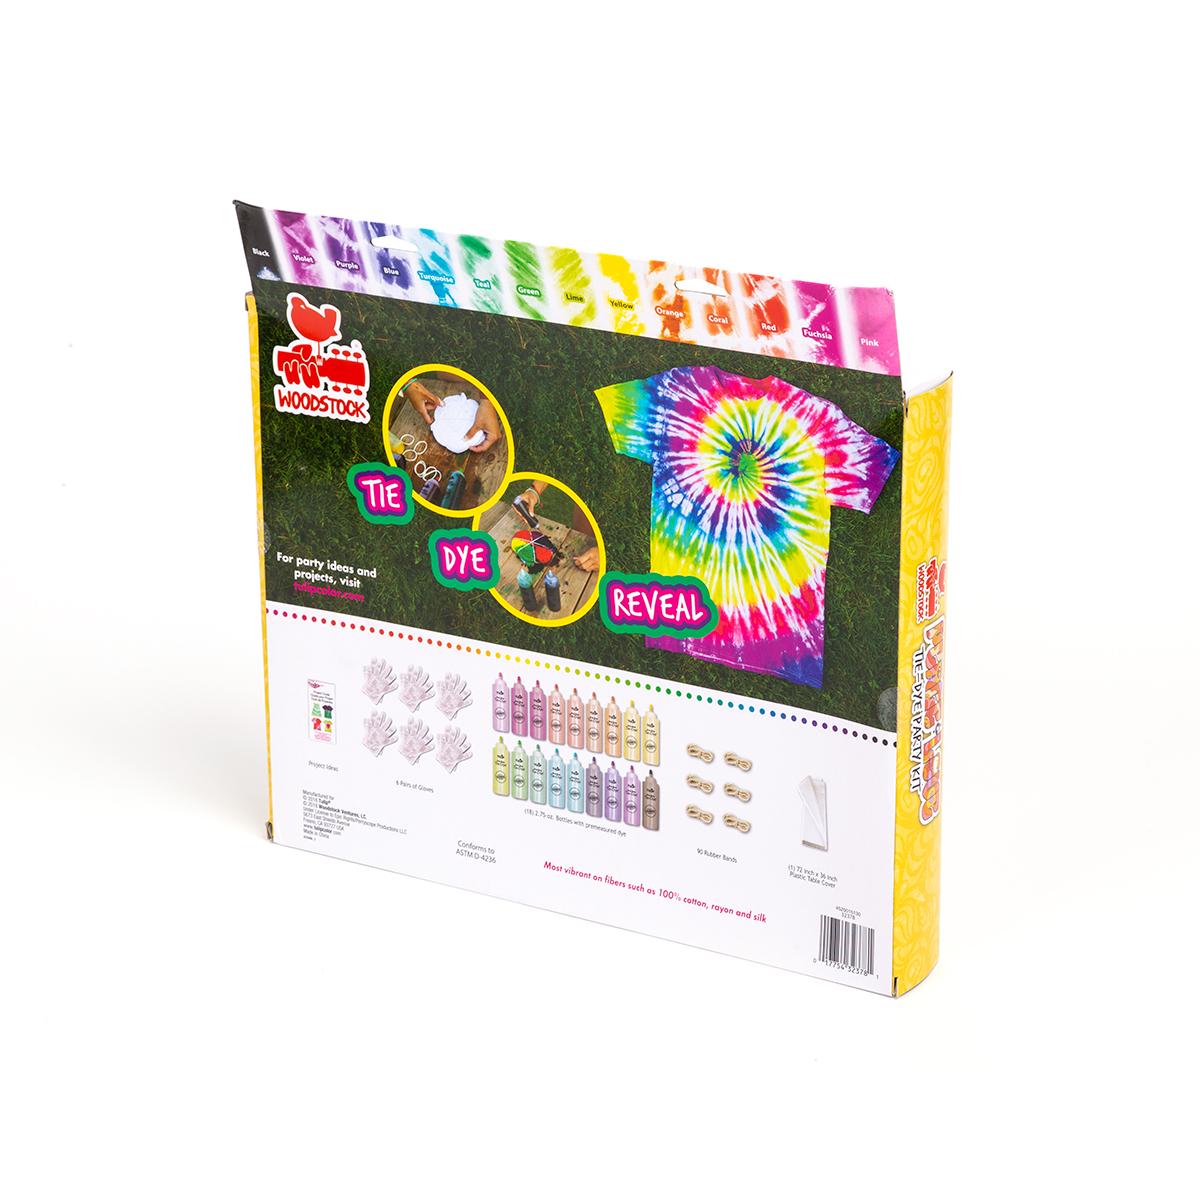 Woodstock Peace & Love Tie Dye Party Kit